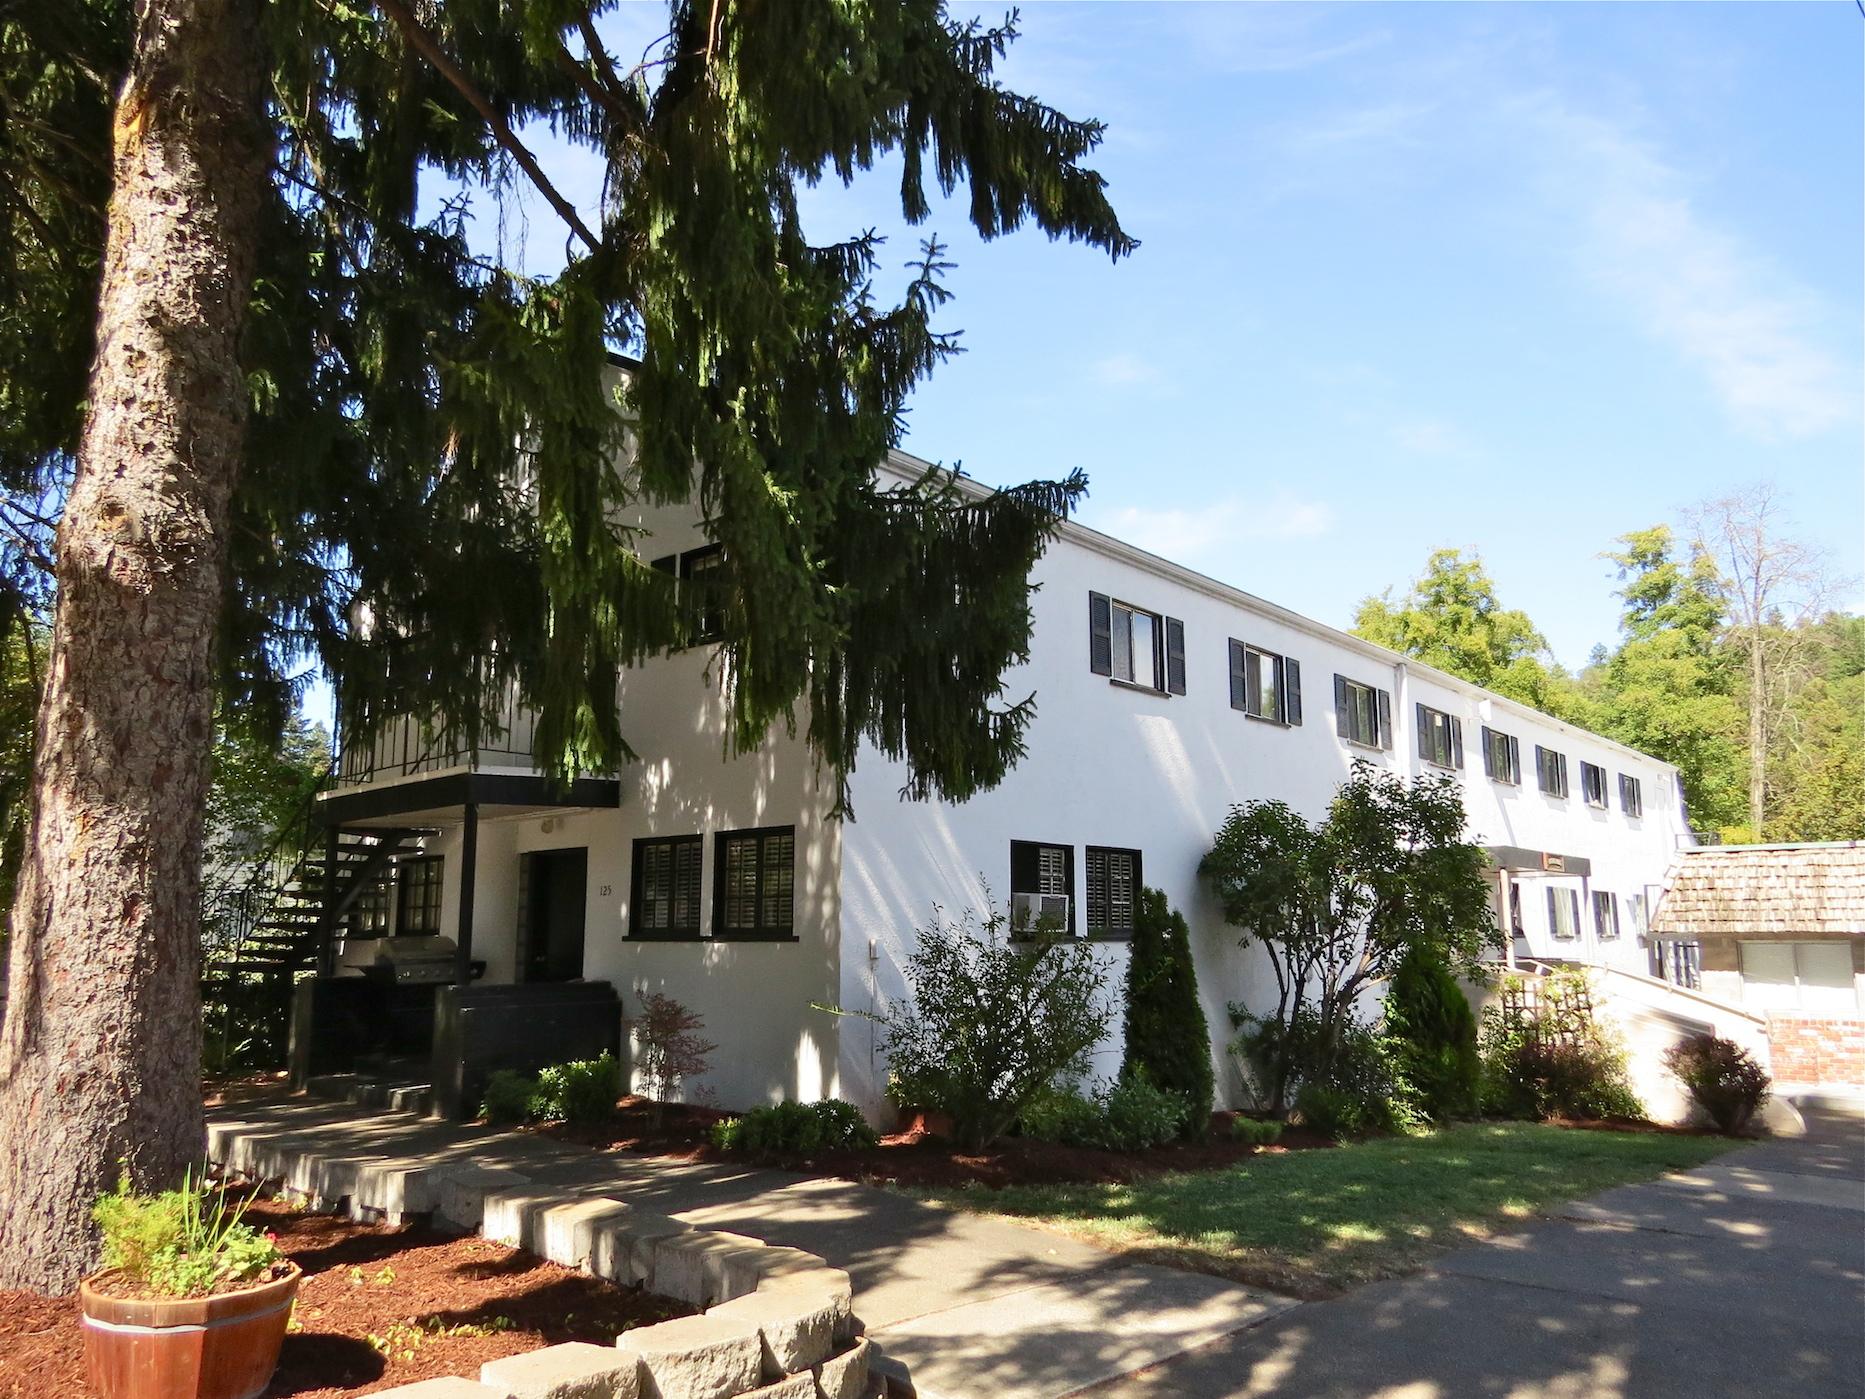 canyonville christian academy, boarding school, boys dorm, boone hall